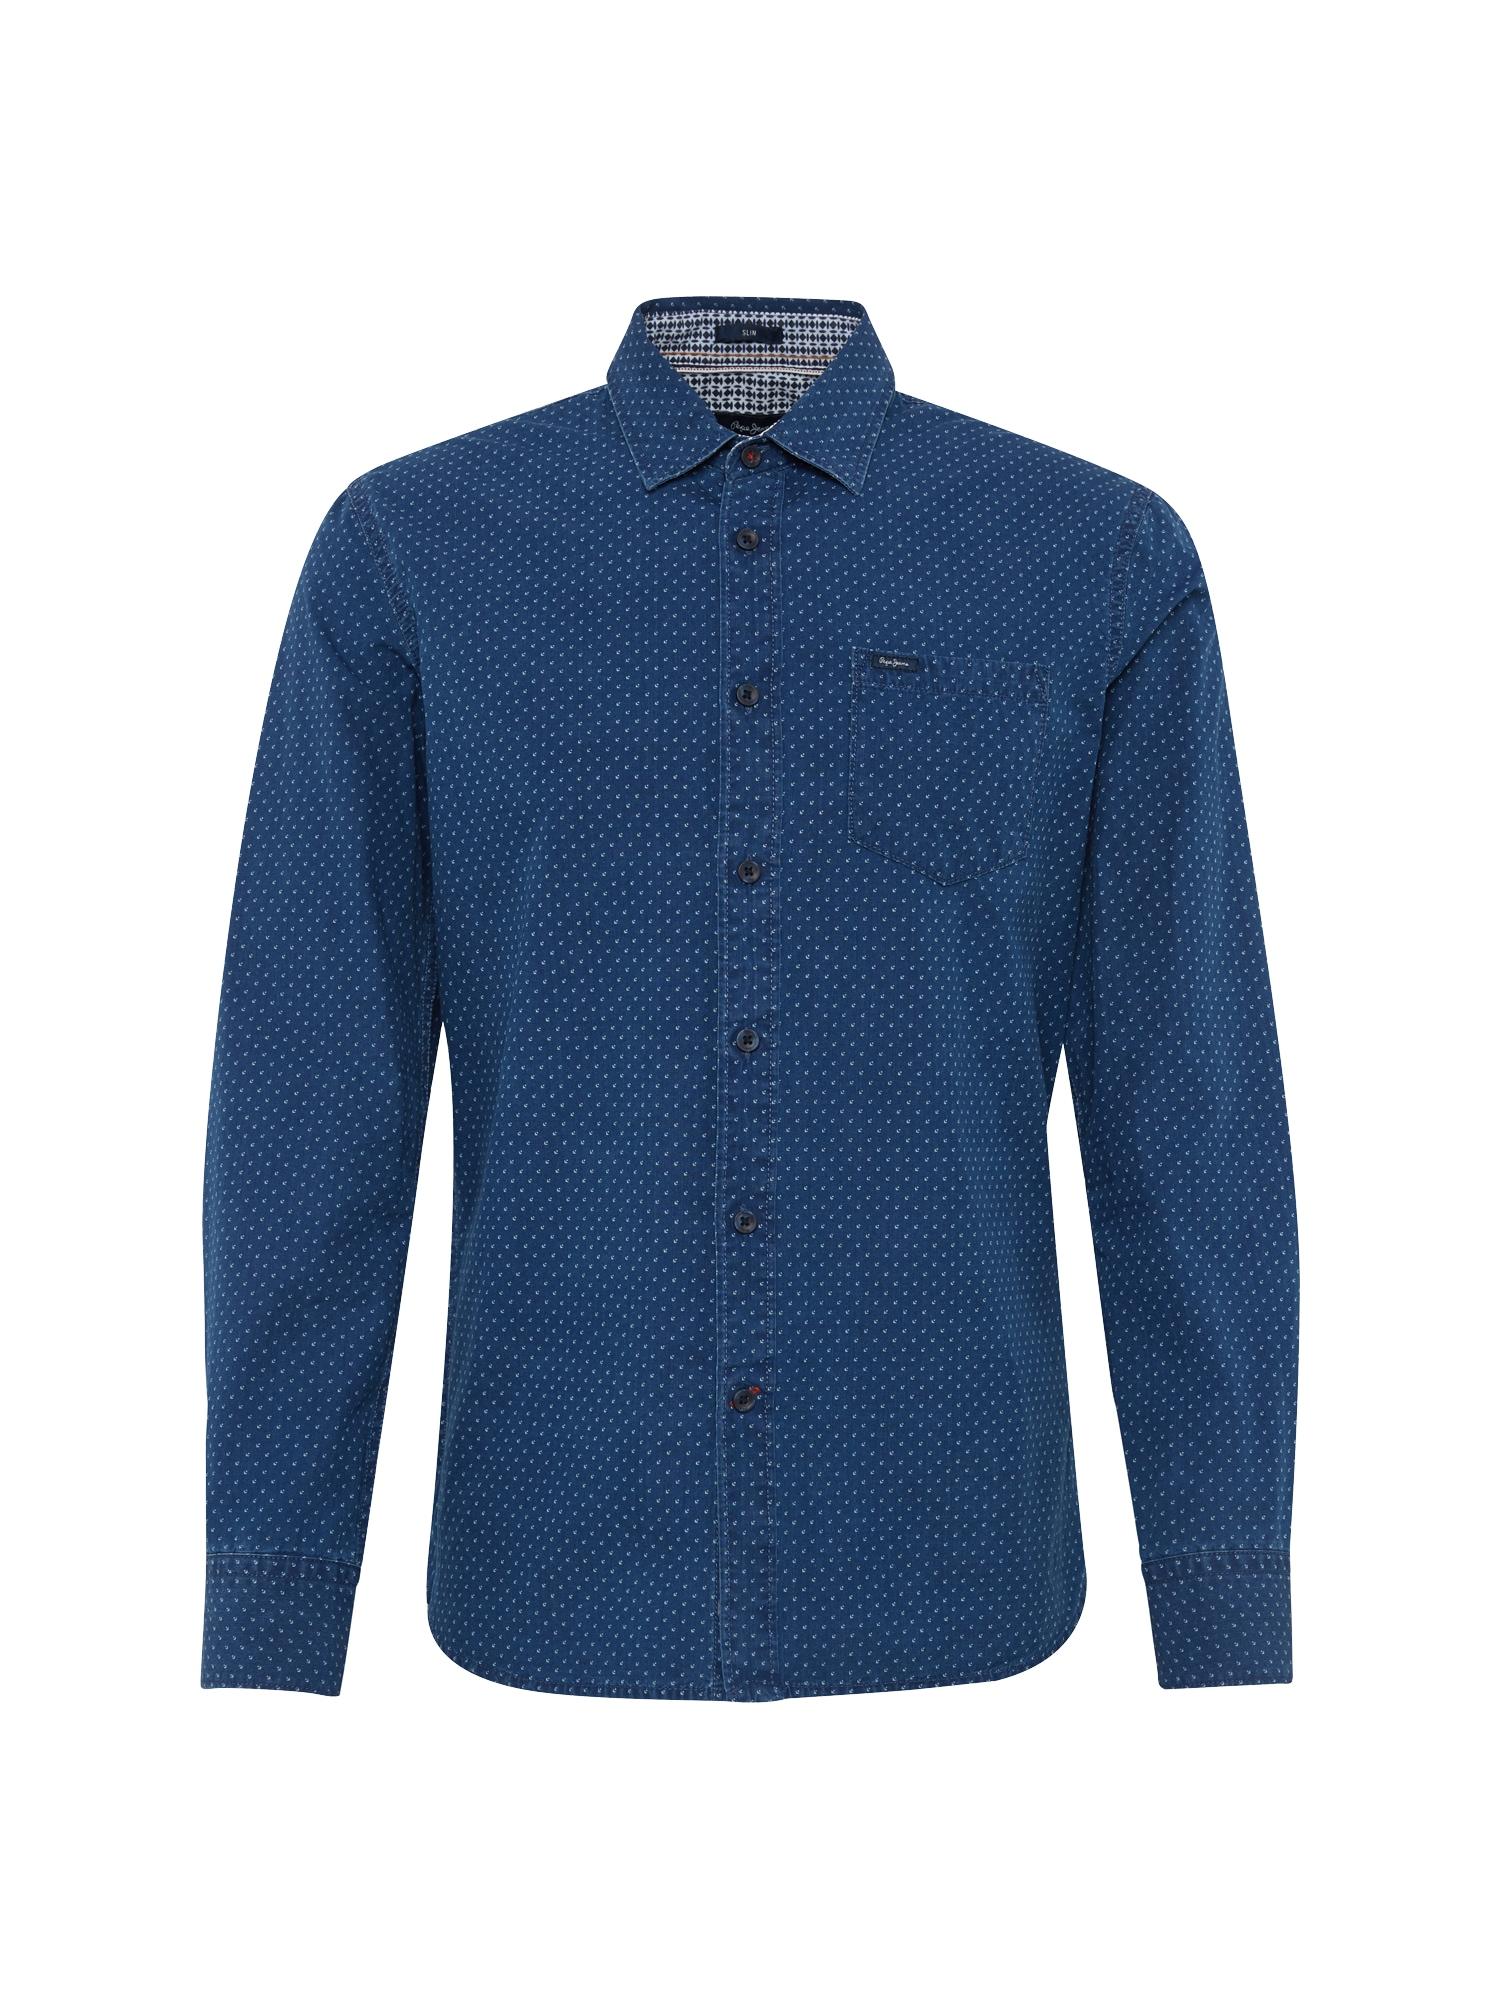 Pepe Jeans Heren Overhemd KAORU donkerblauw